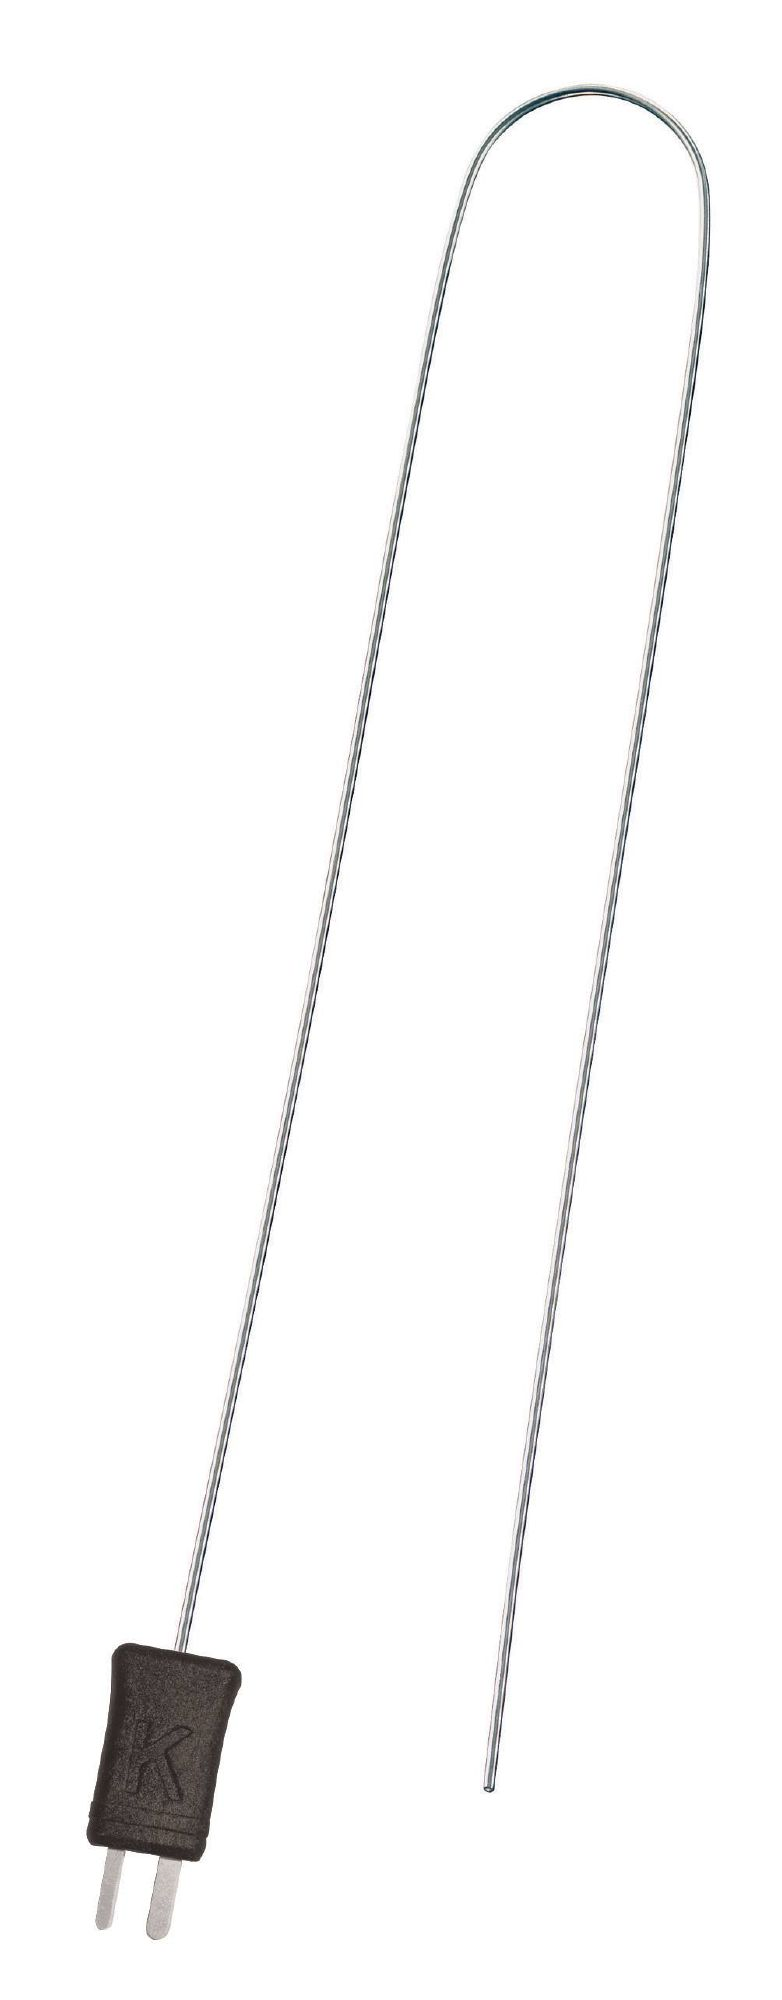 Punta de medición de inmersión, flexible, T/P tipo K